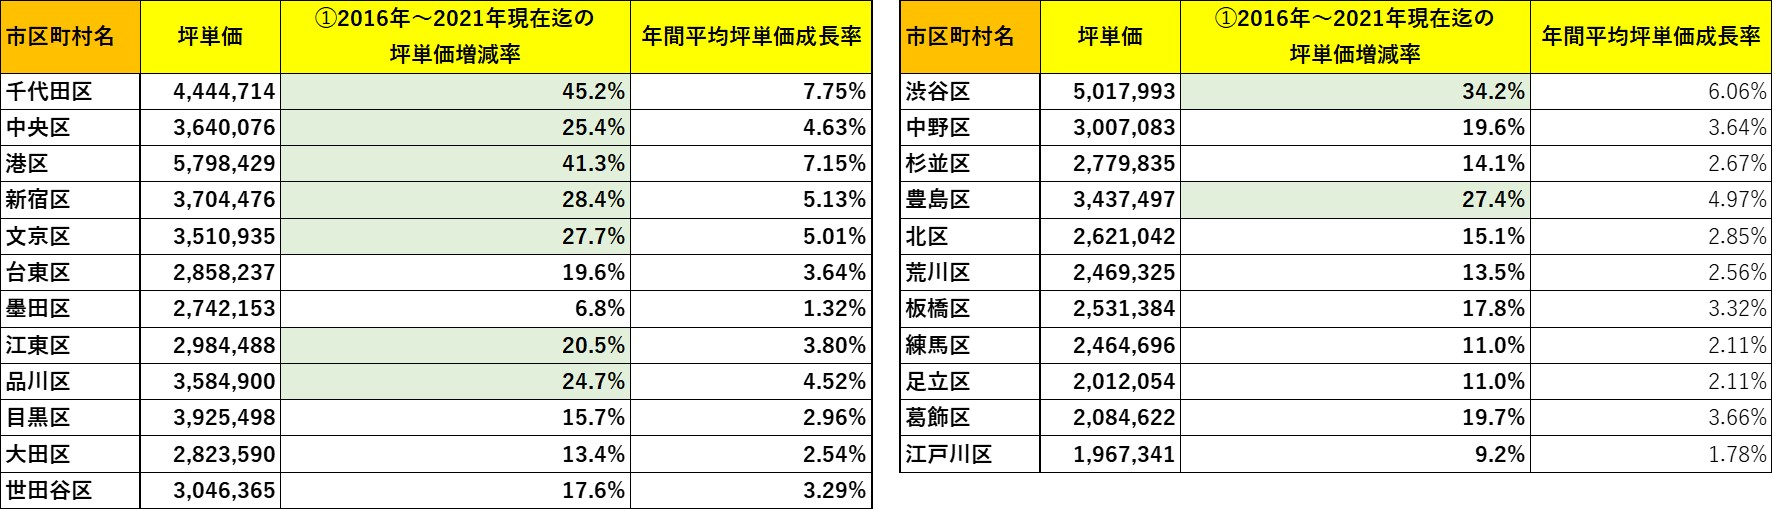 投資用マンション坪単価と価年間平均坪単価成長率の関係  ※マンションリサーチ株式会社調べ